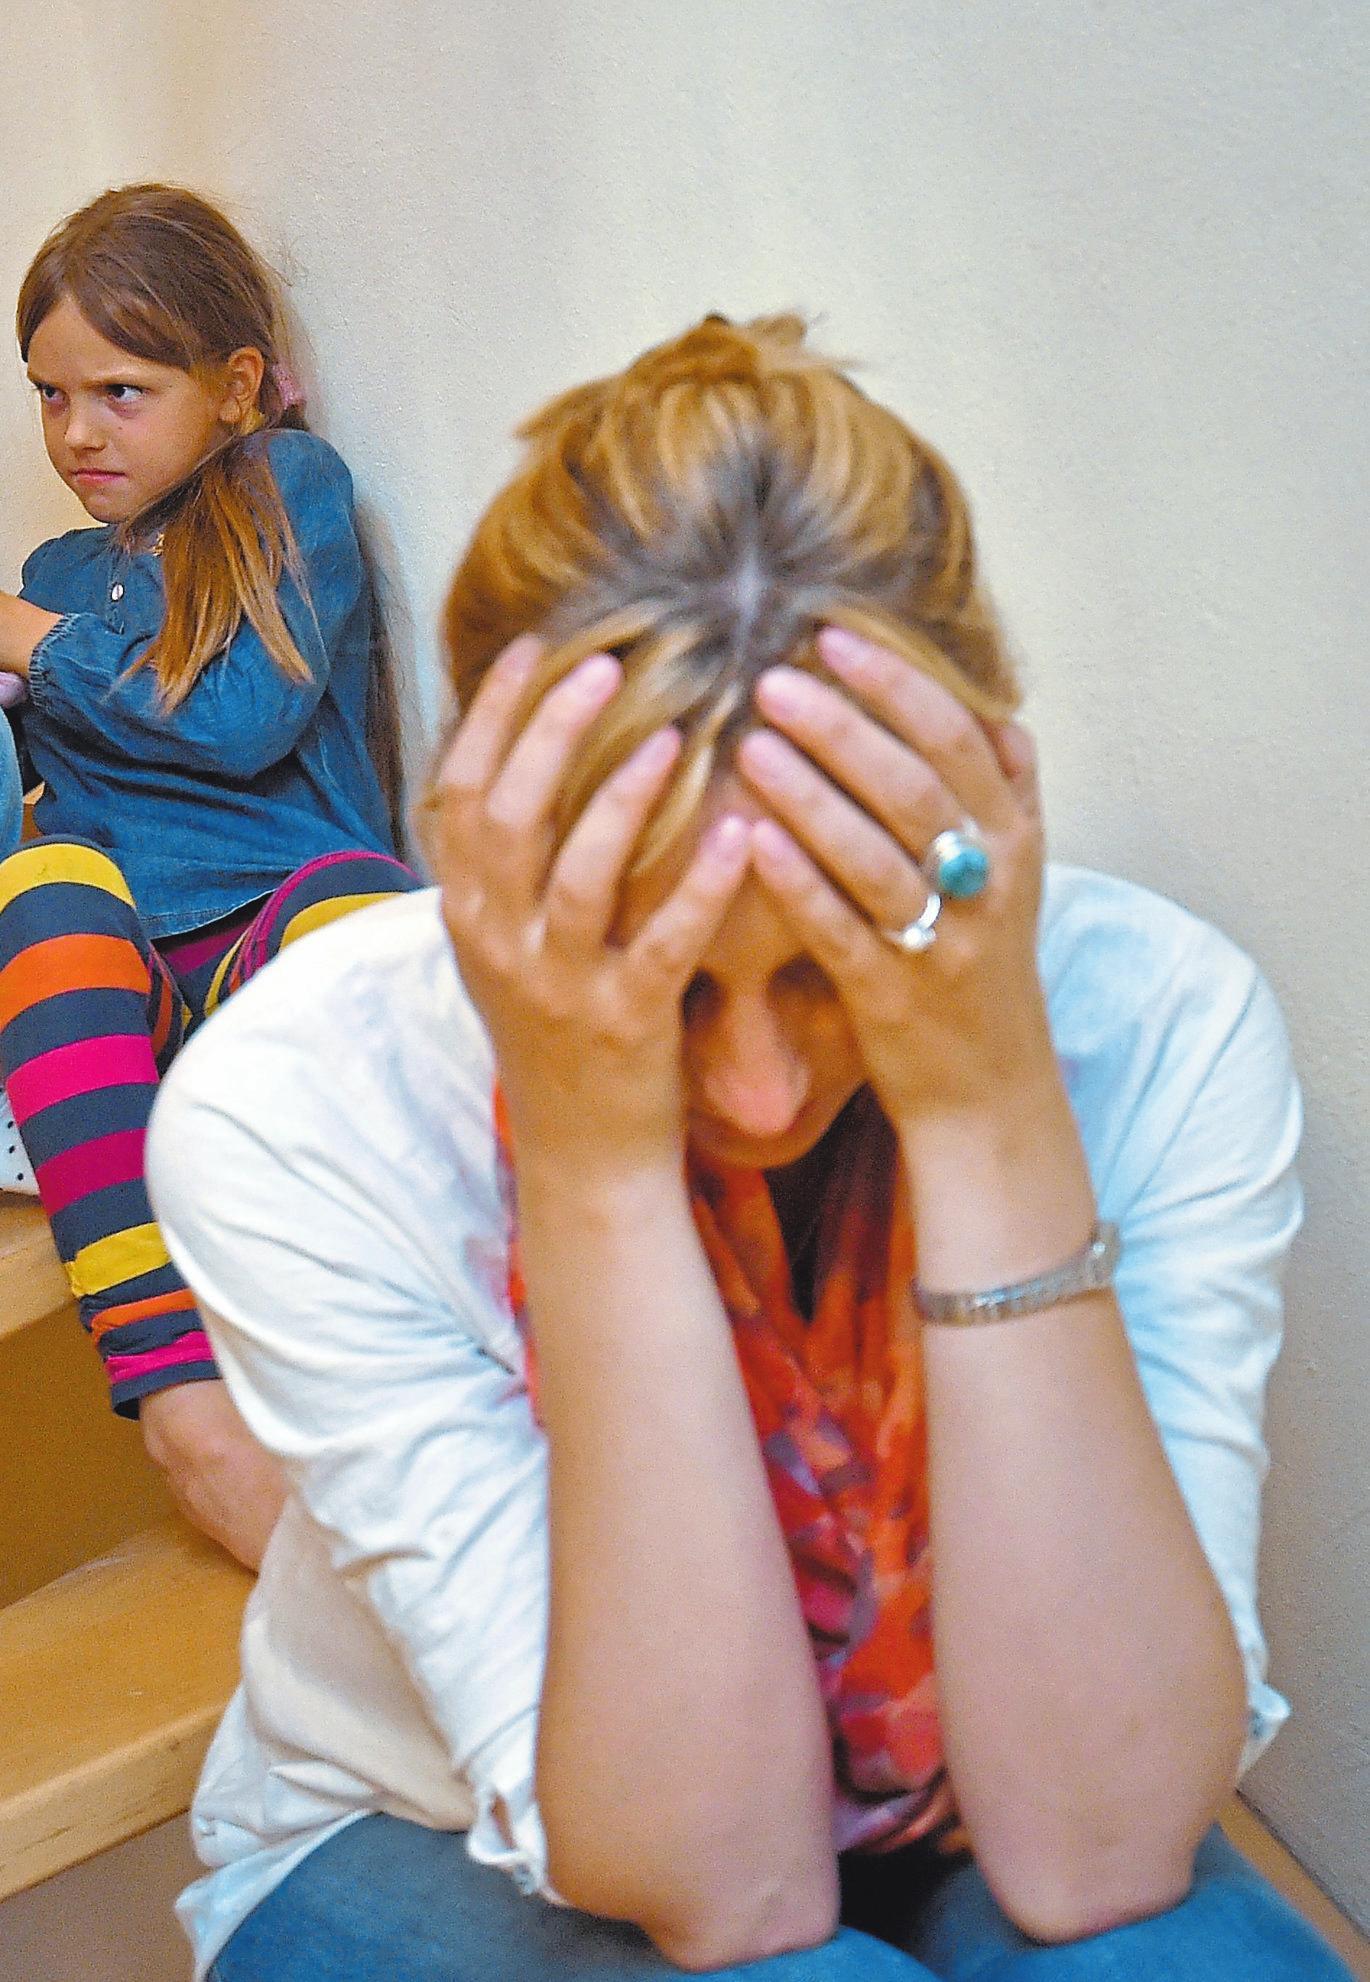 Druck und Stress in den eigenen vier Wänden: Der gefürchtete Burnout trifft nicht nur überforderte Arbeitnehmer. Foto: dpa